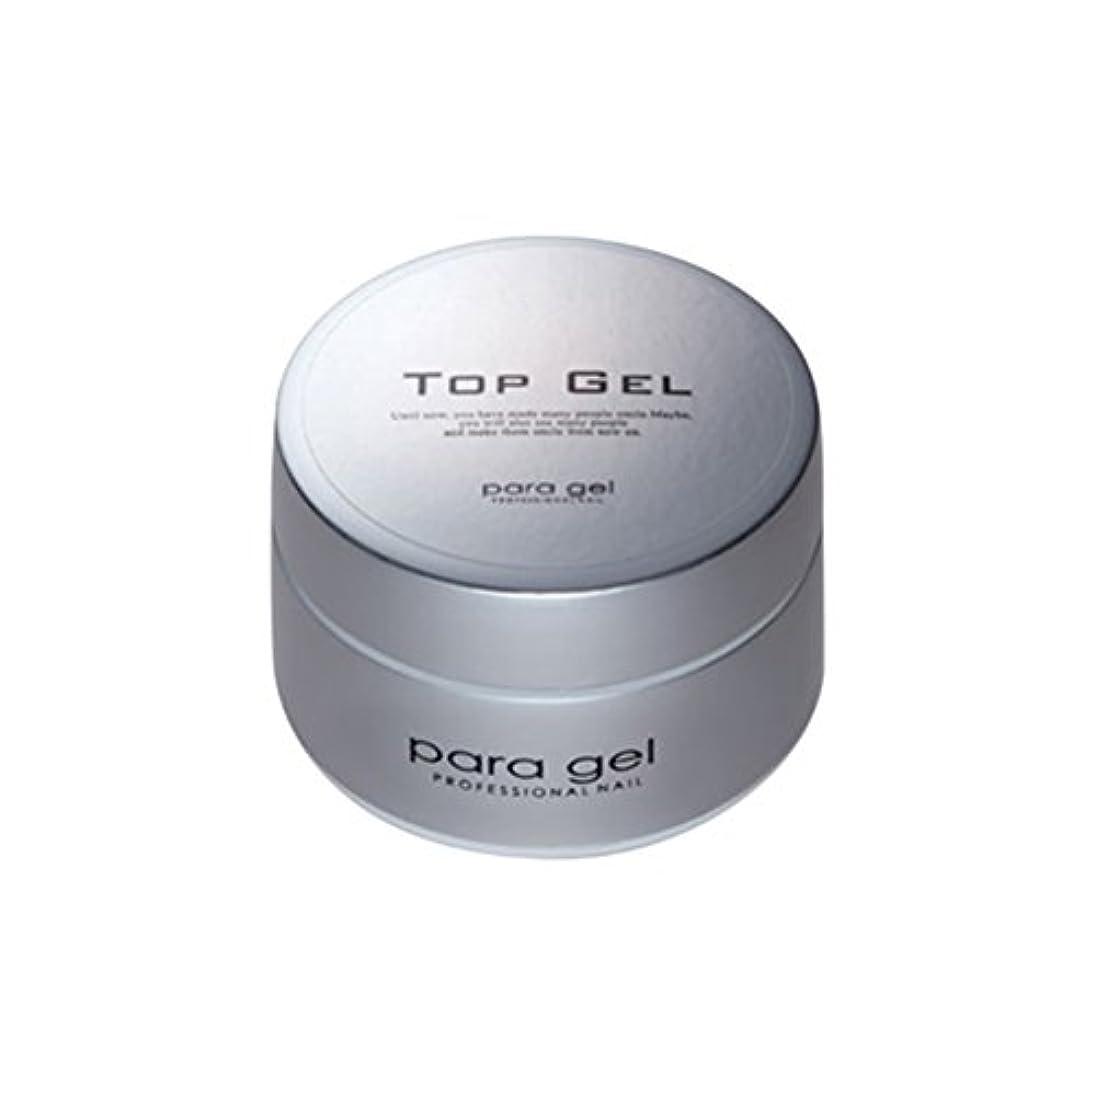 狭い東ティモール主要なpara gel トップジェル 10g